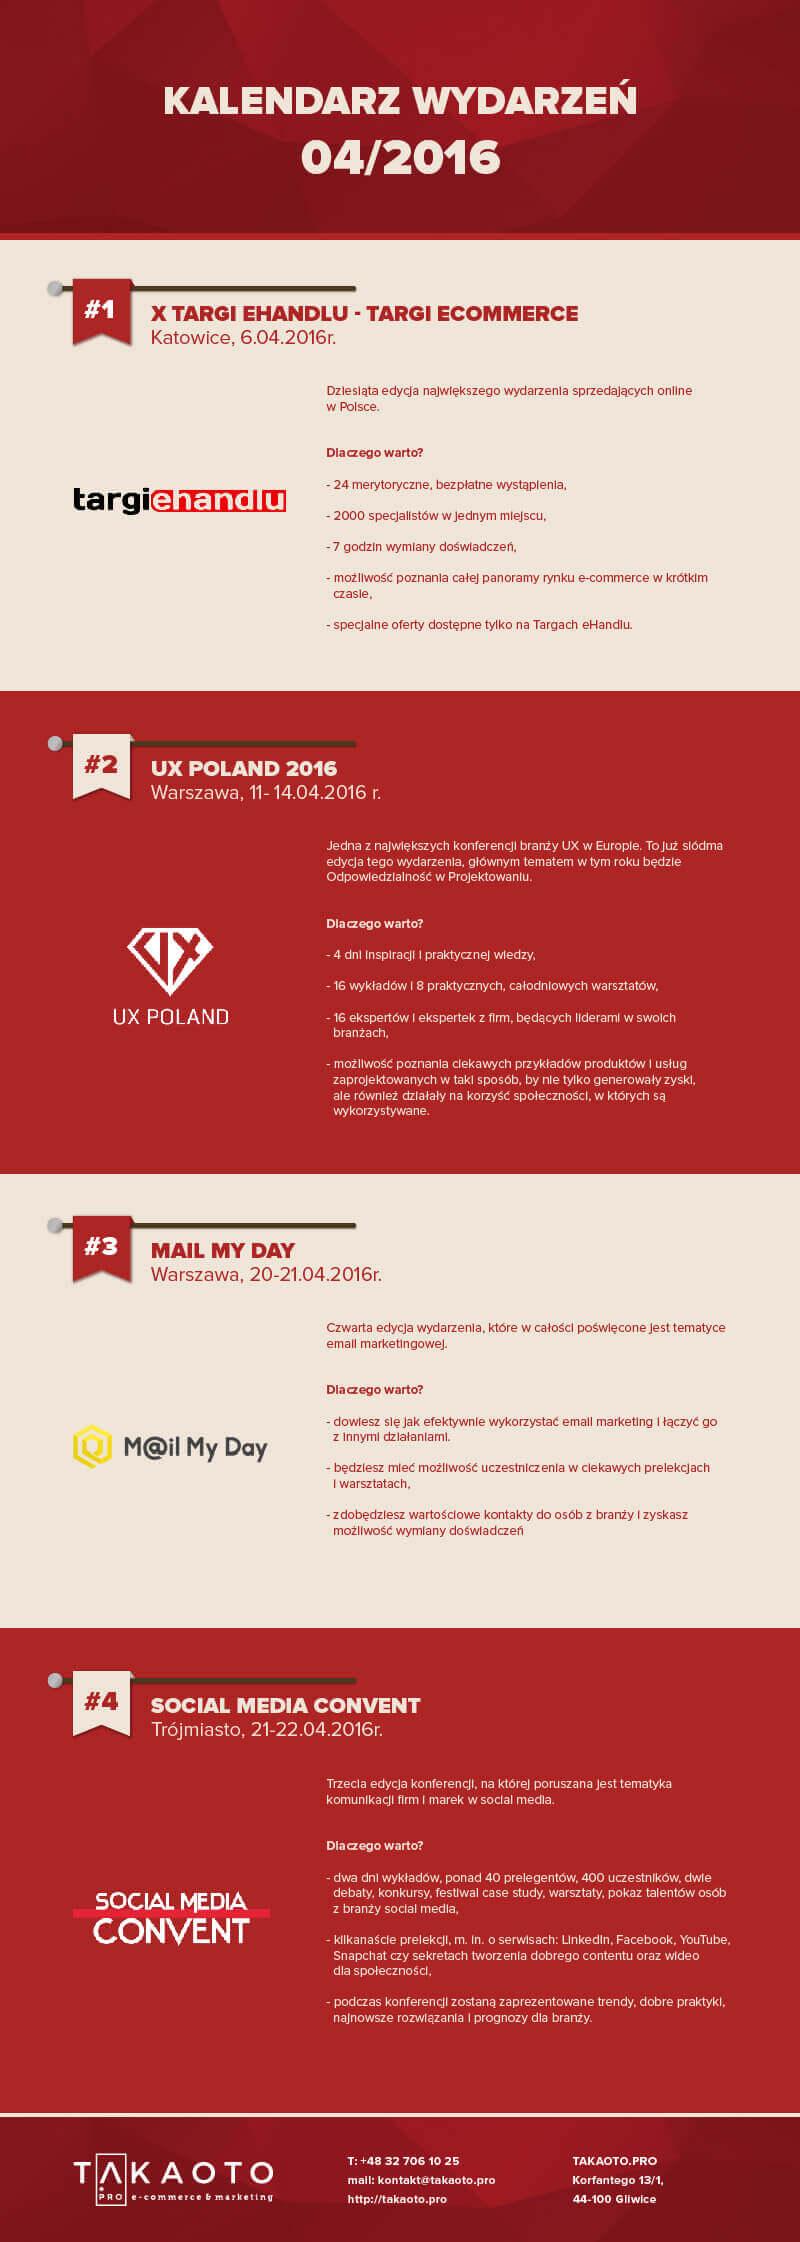 Infografika Kalendarz Wydarzeń 04/2016